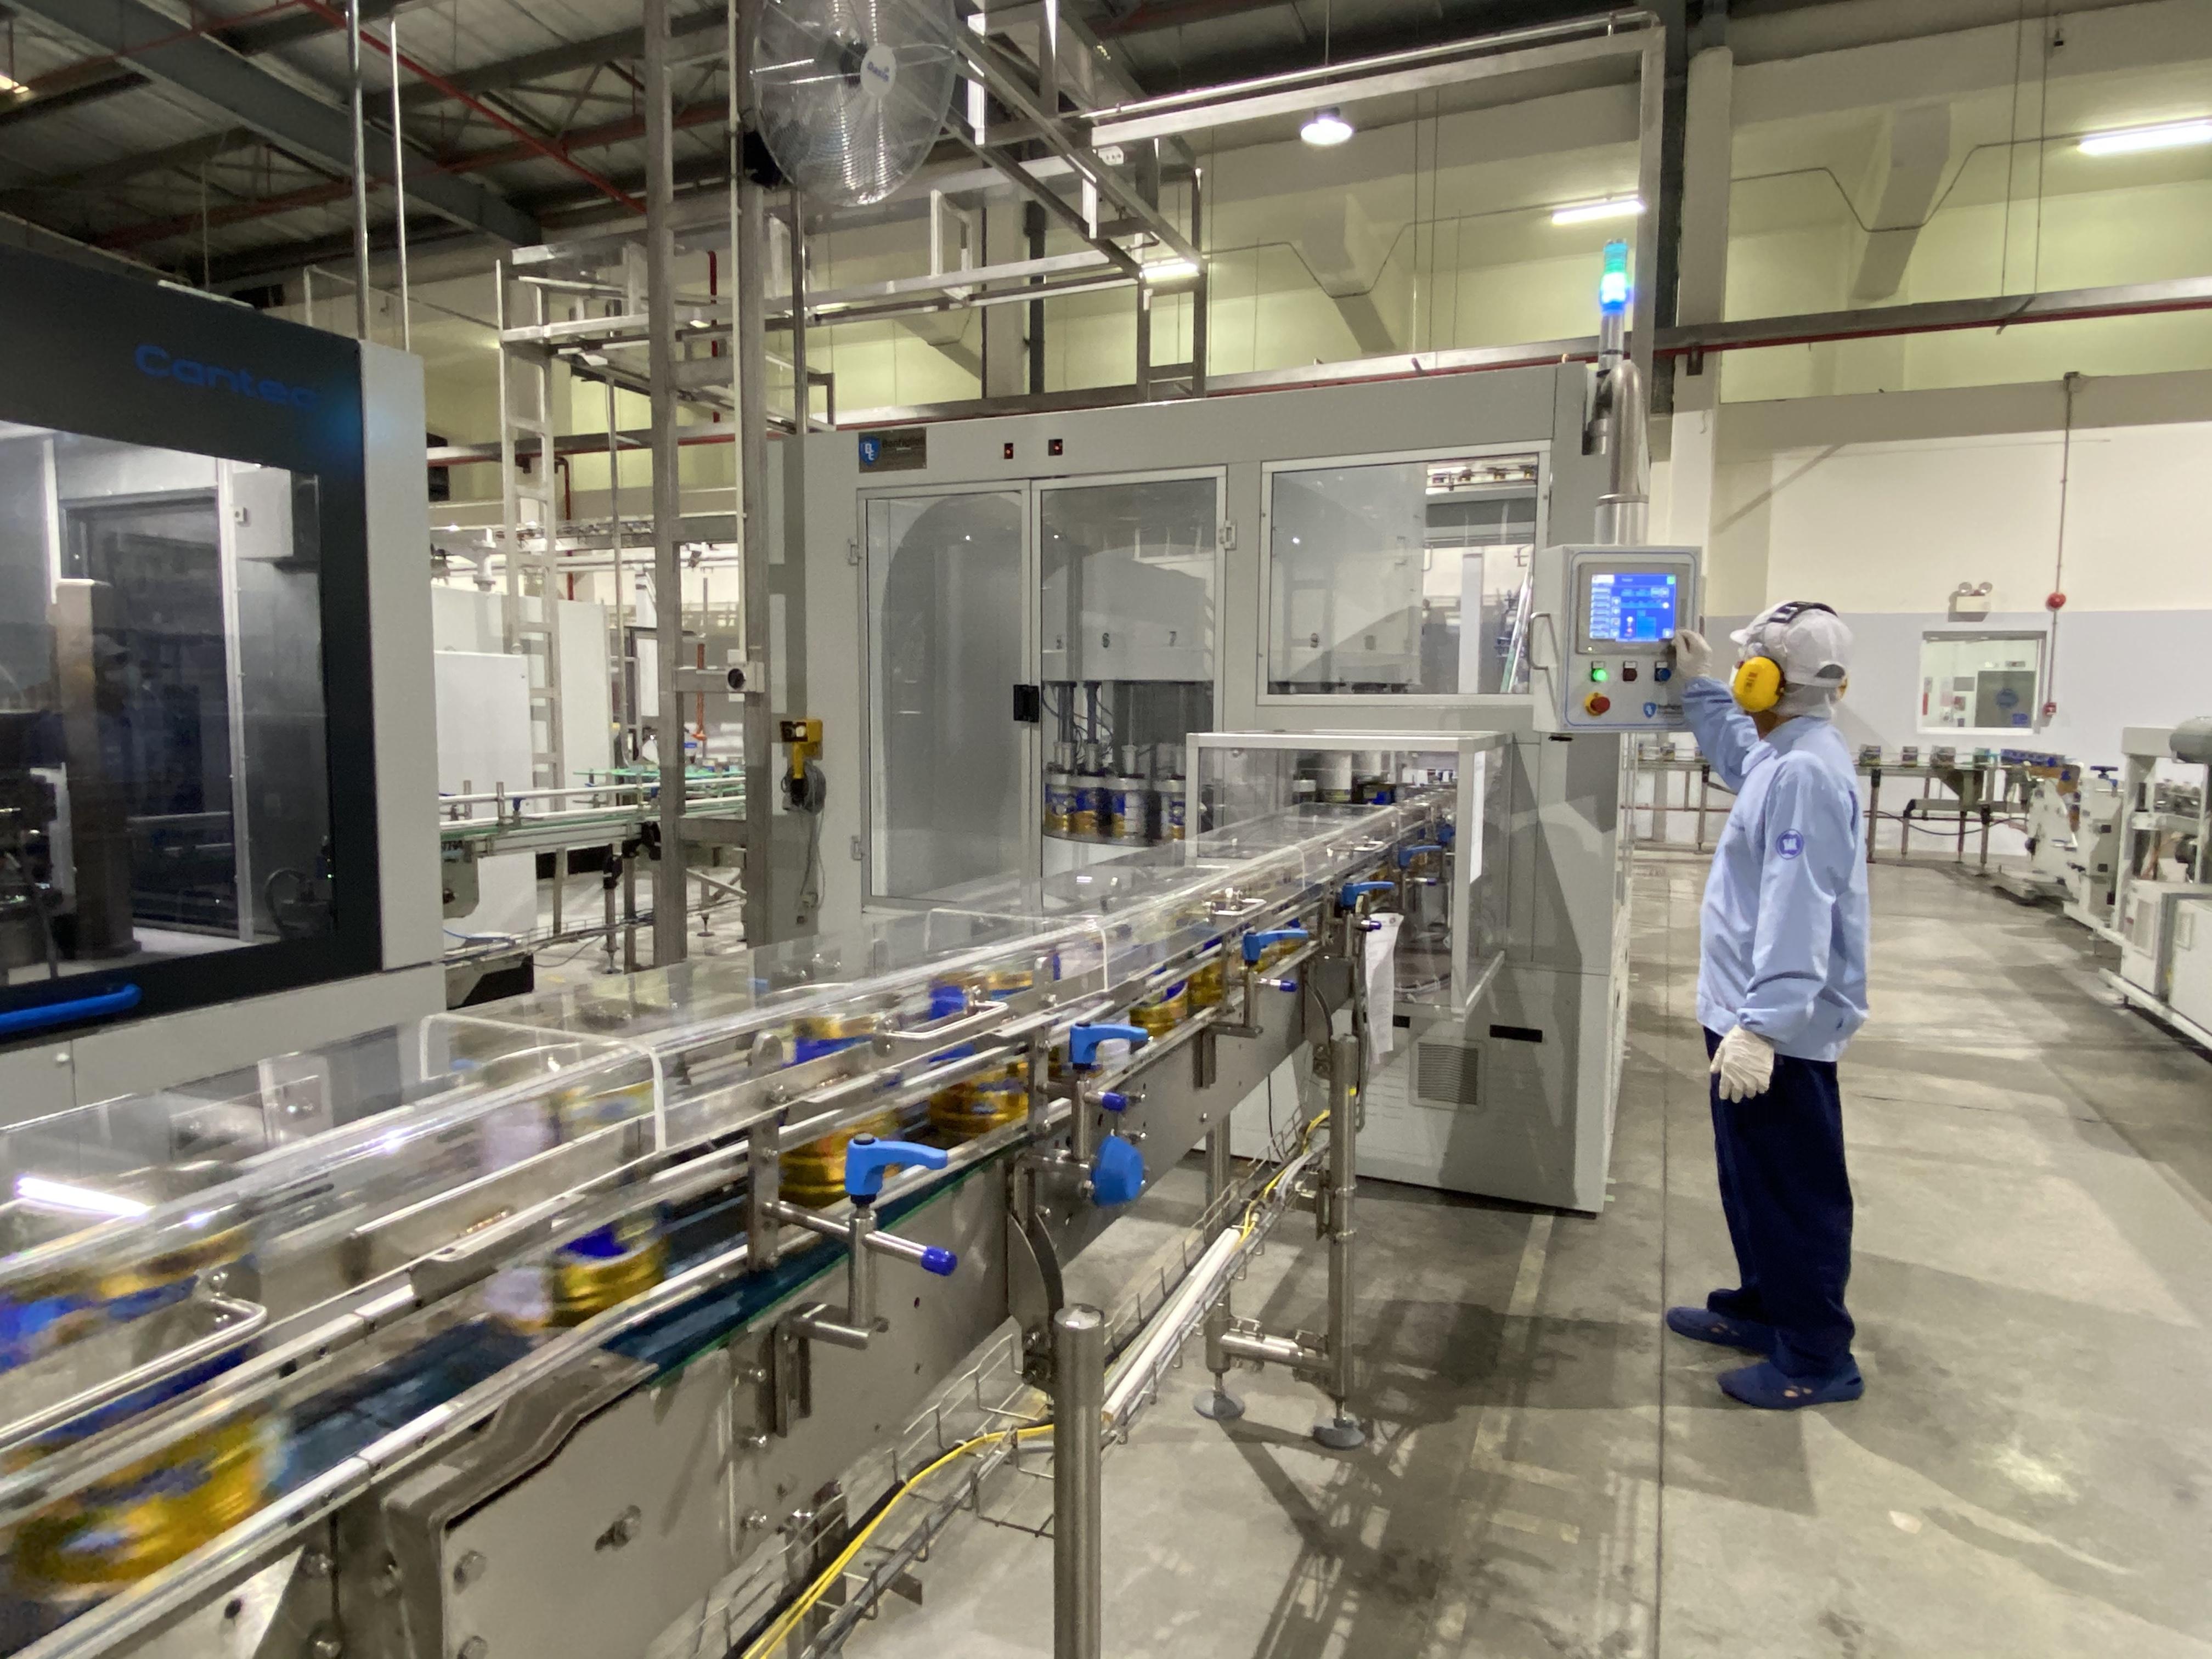 Với 13 nhà máy hiện đại, Vinamilk hiện có thể sản xuất hơn 28 triệu hộp sữa nước mỗi ngày - Ảnh 5